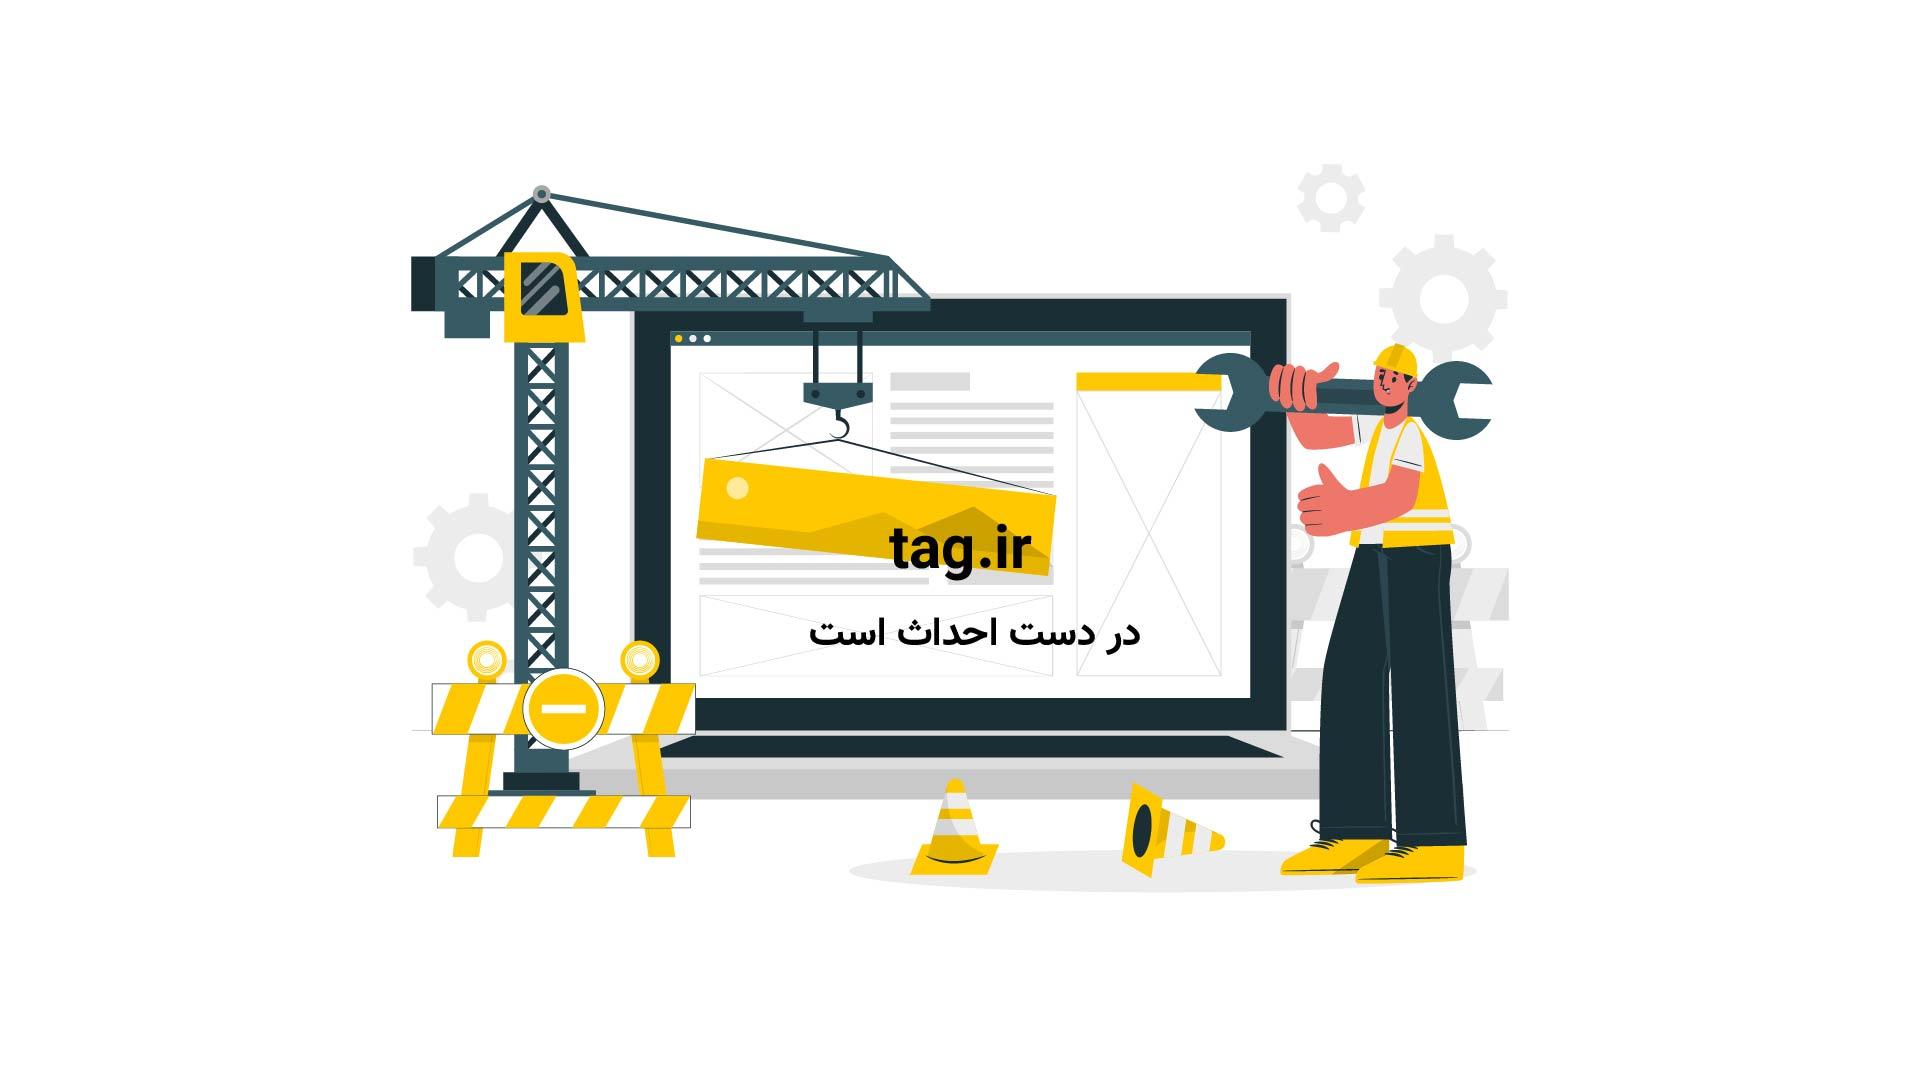 سخنرانی رئیس جمهور در اجتماع مردم شهرستان شیروان | فیلم